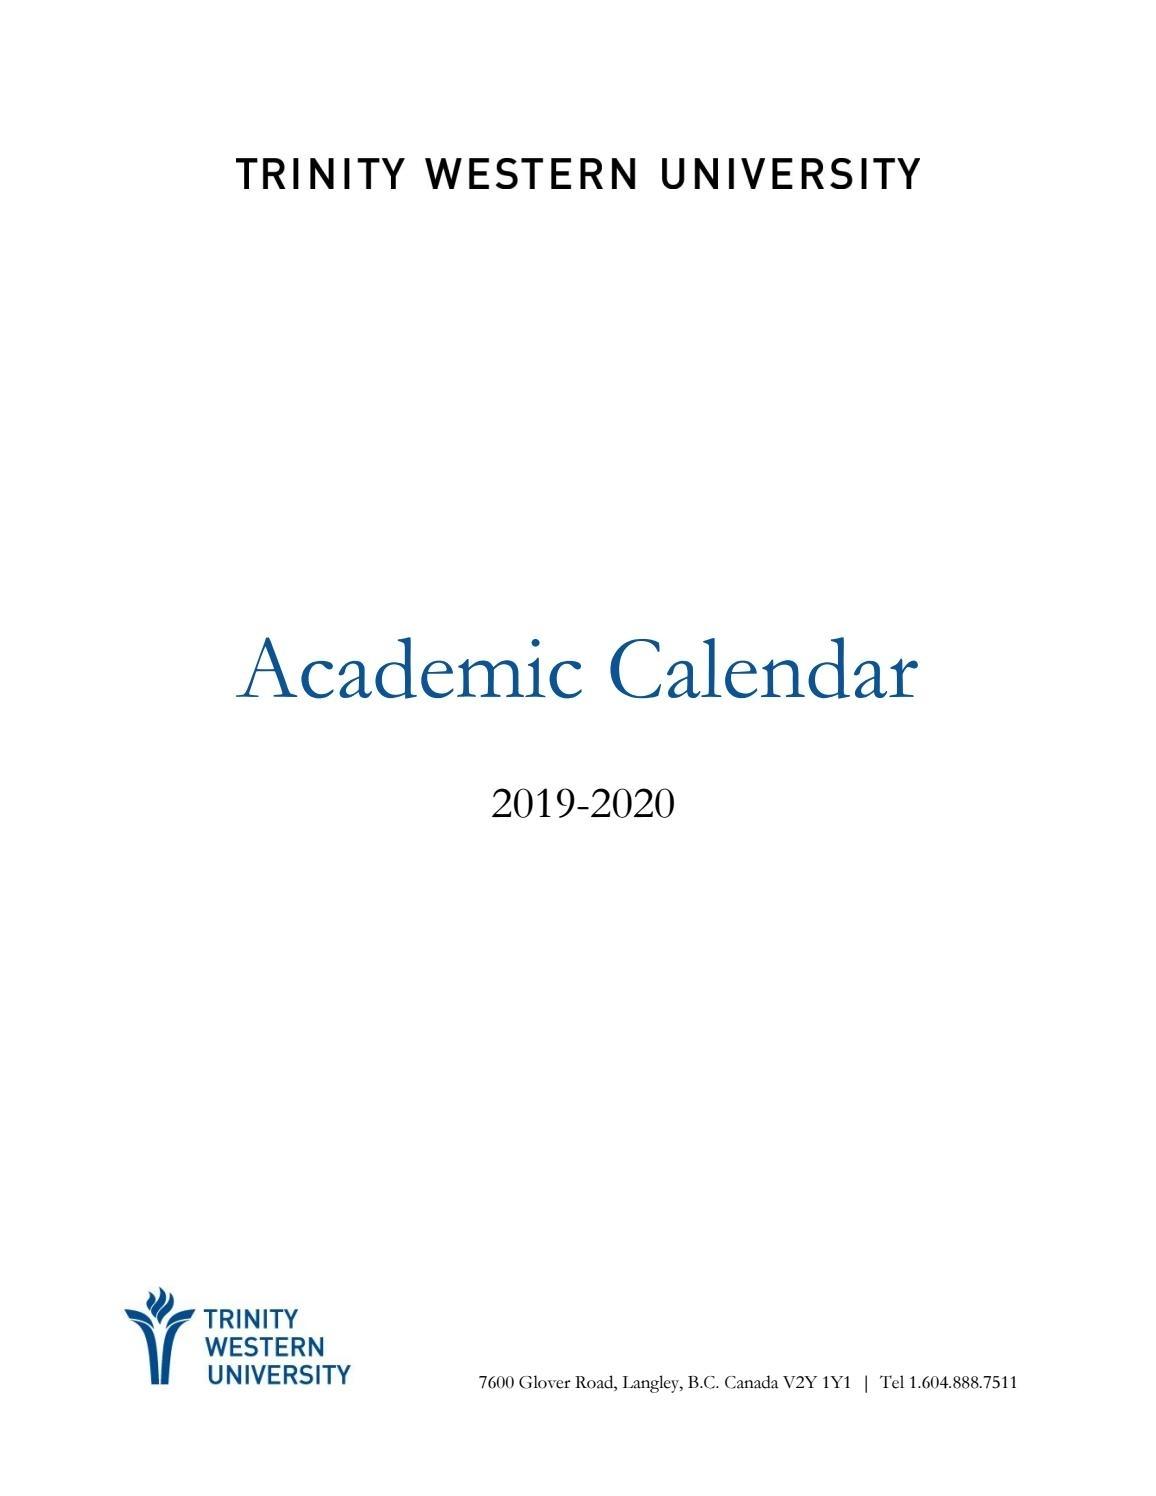 2019-20 Academic Calendartwu - Issuu throughout U Of Michigan Calendar 2019-2020